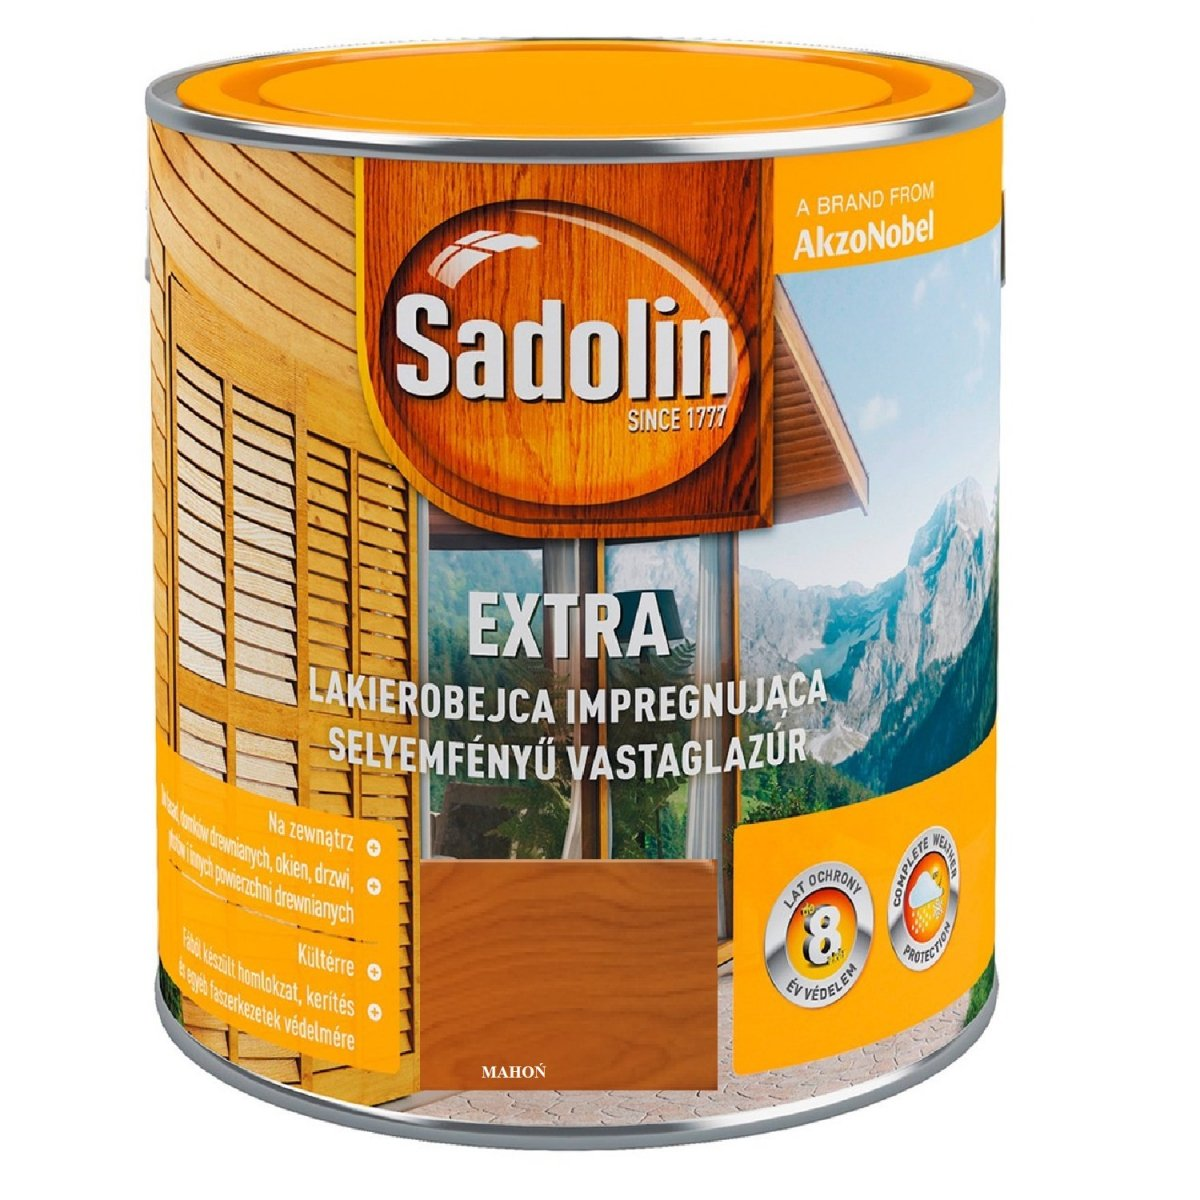 953246b085a90f SADOLIN LAKIEROBEJCA EXTRA MAHOŃ 2,5l - LAKIEROBEJCE - DO DREWNA ...